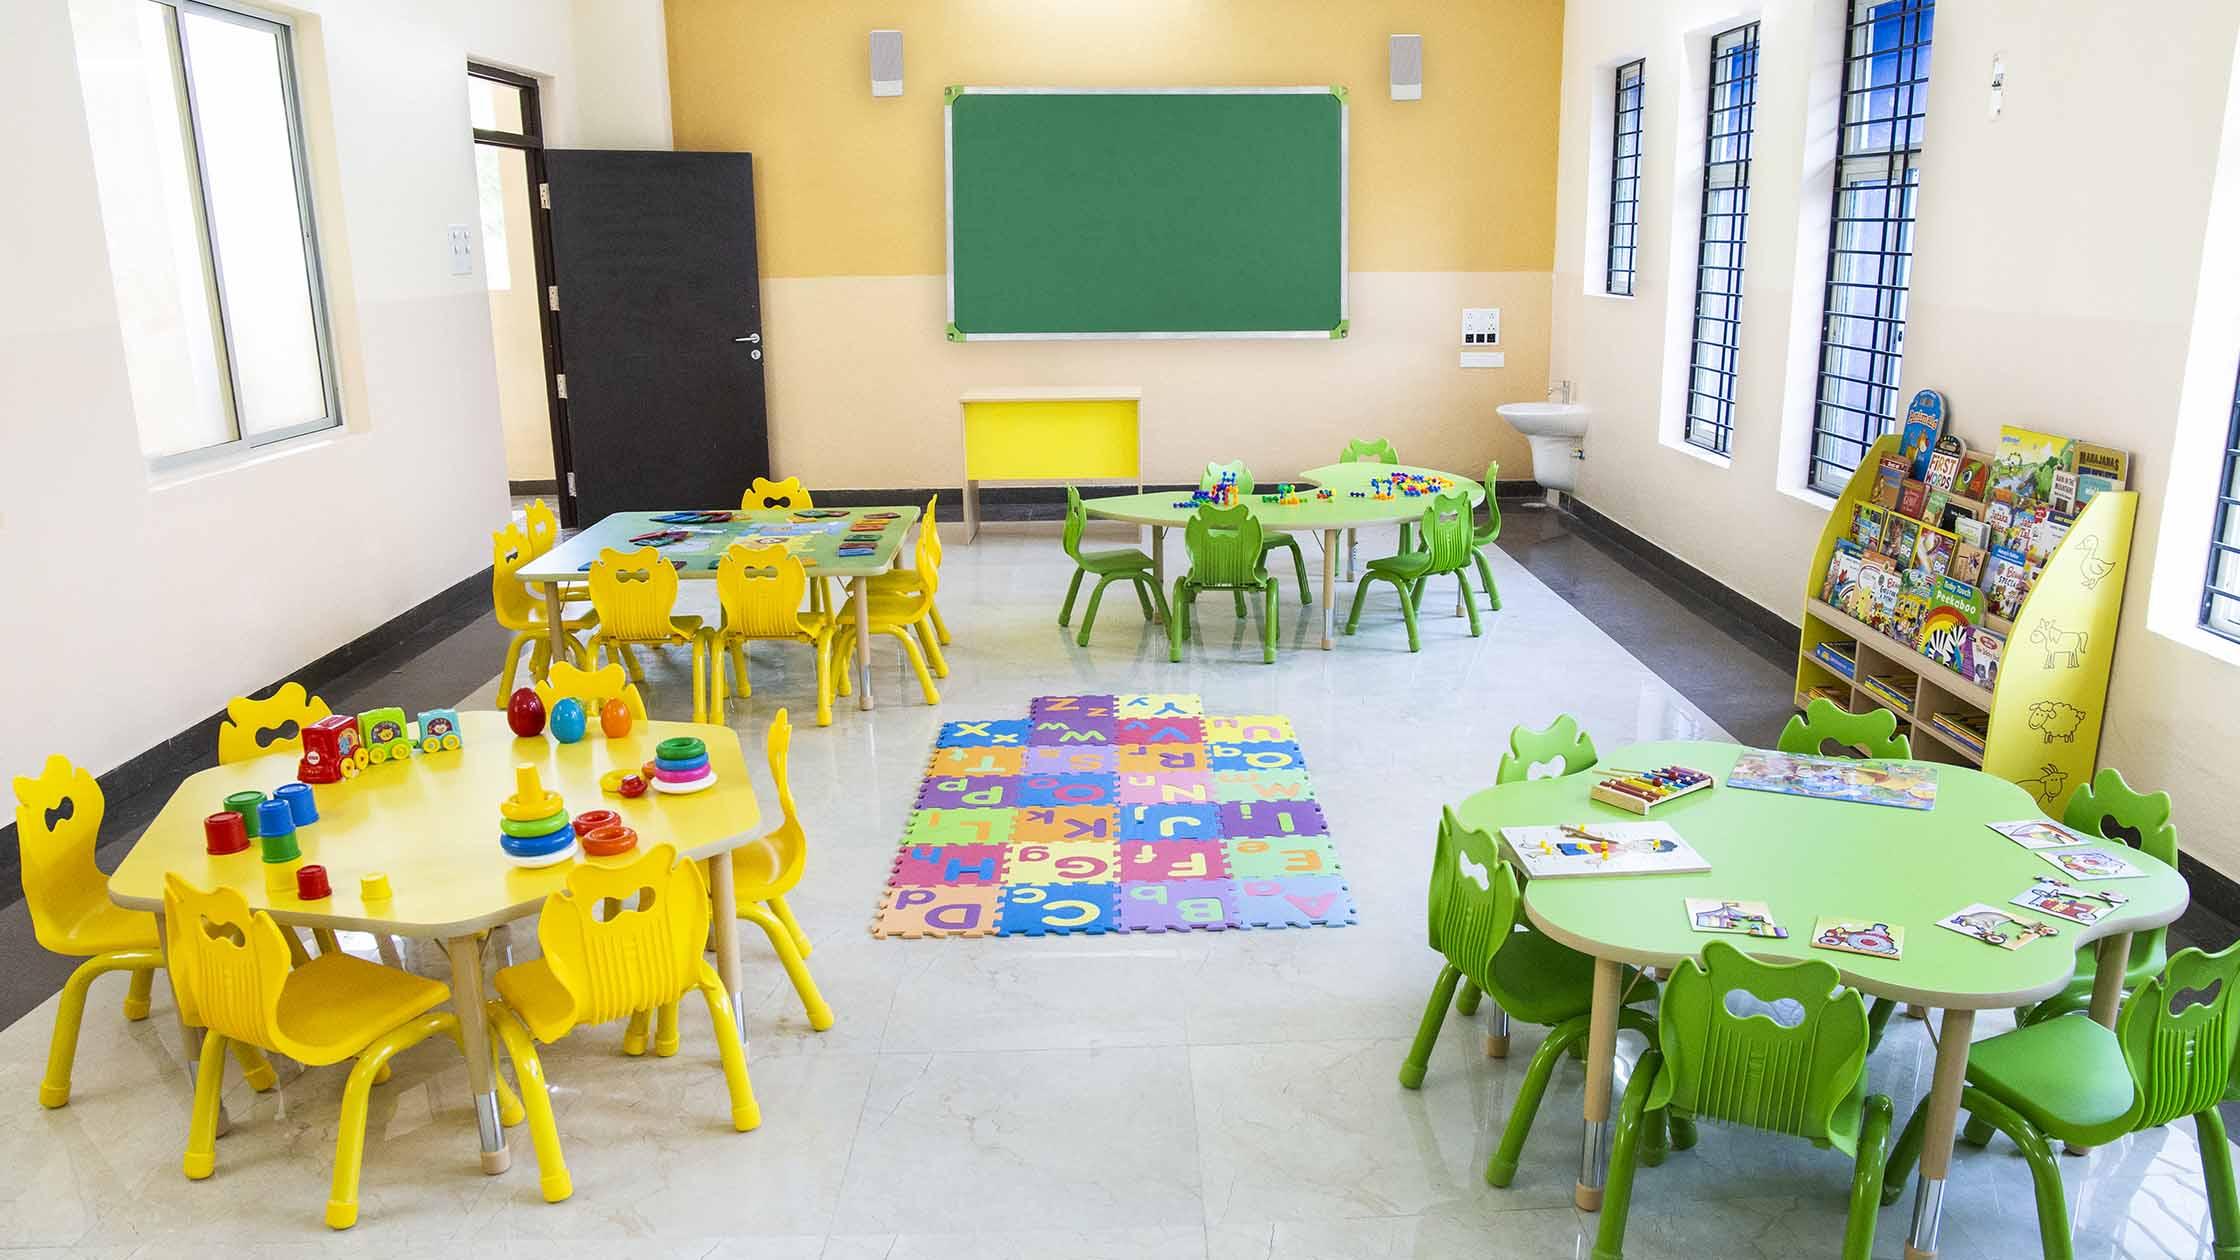 Walkertown Academy - Cbse School in secunderabad - Classroom interior